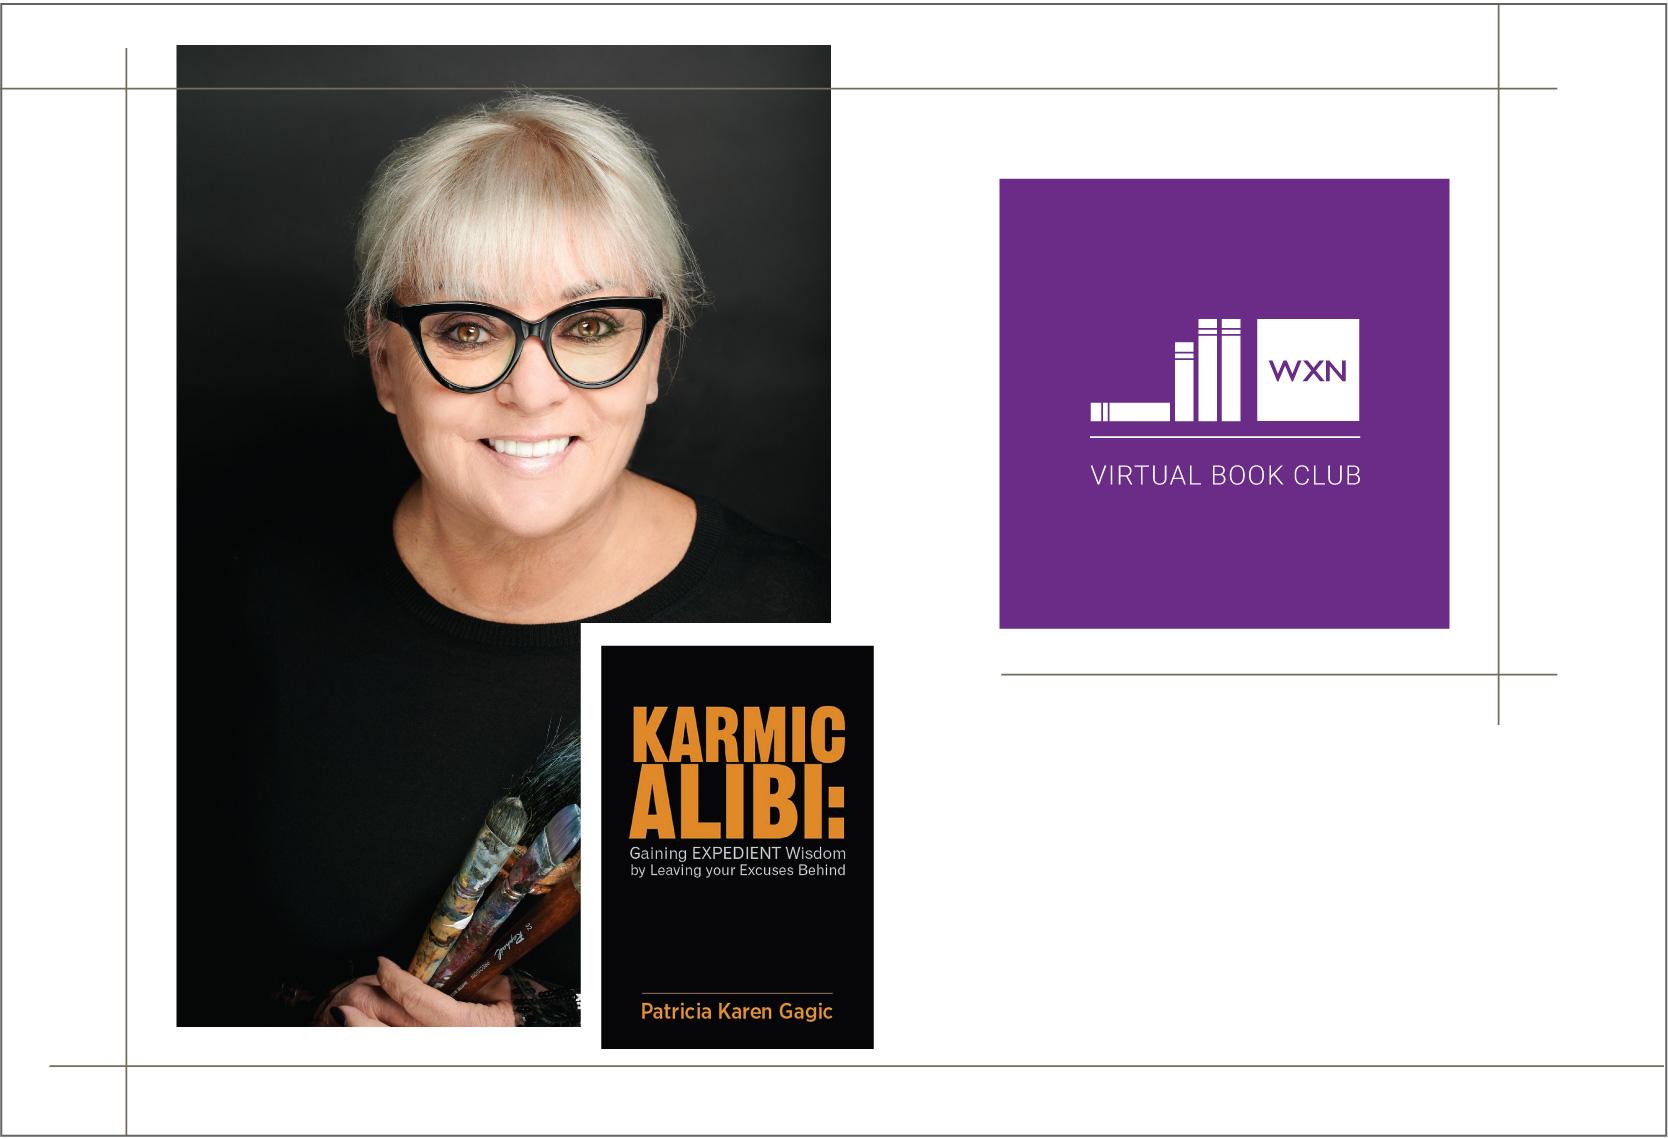 WXN Virtual Book Club featuring Patricia Karen Gagic